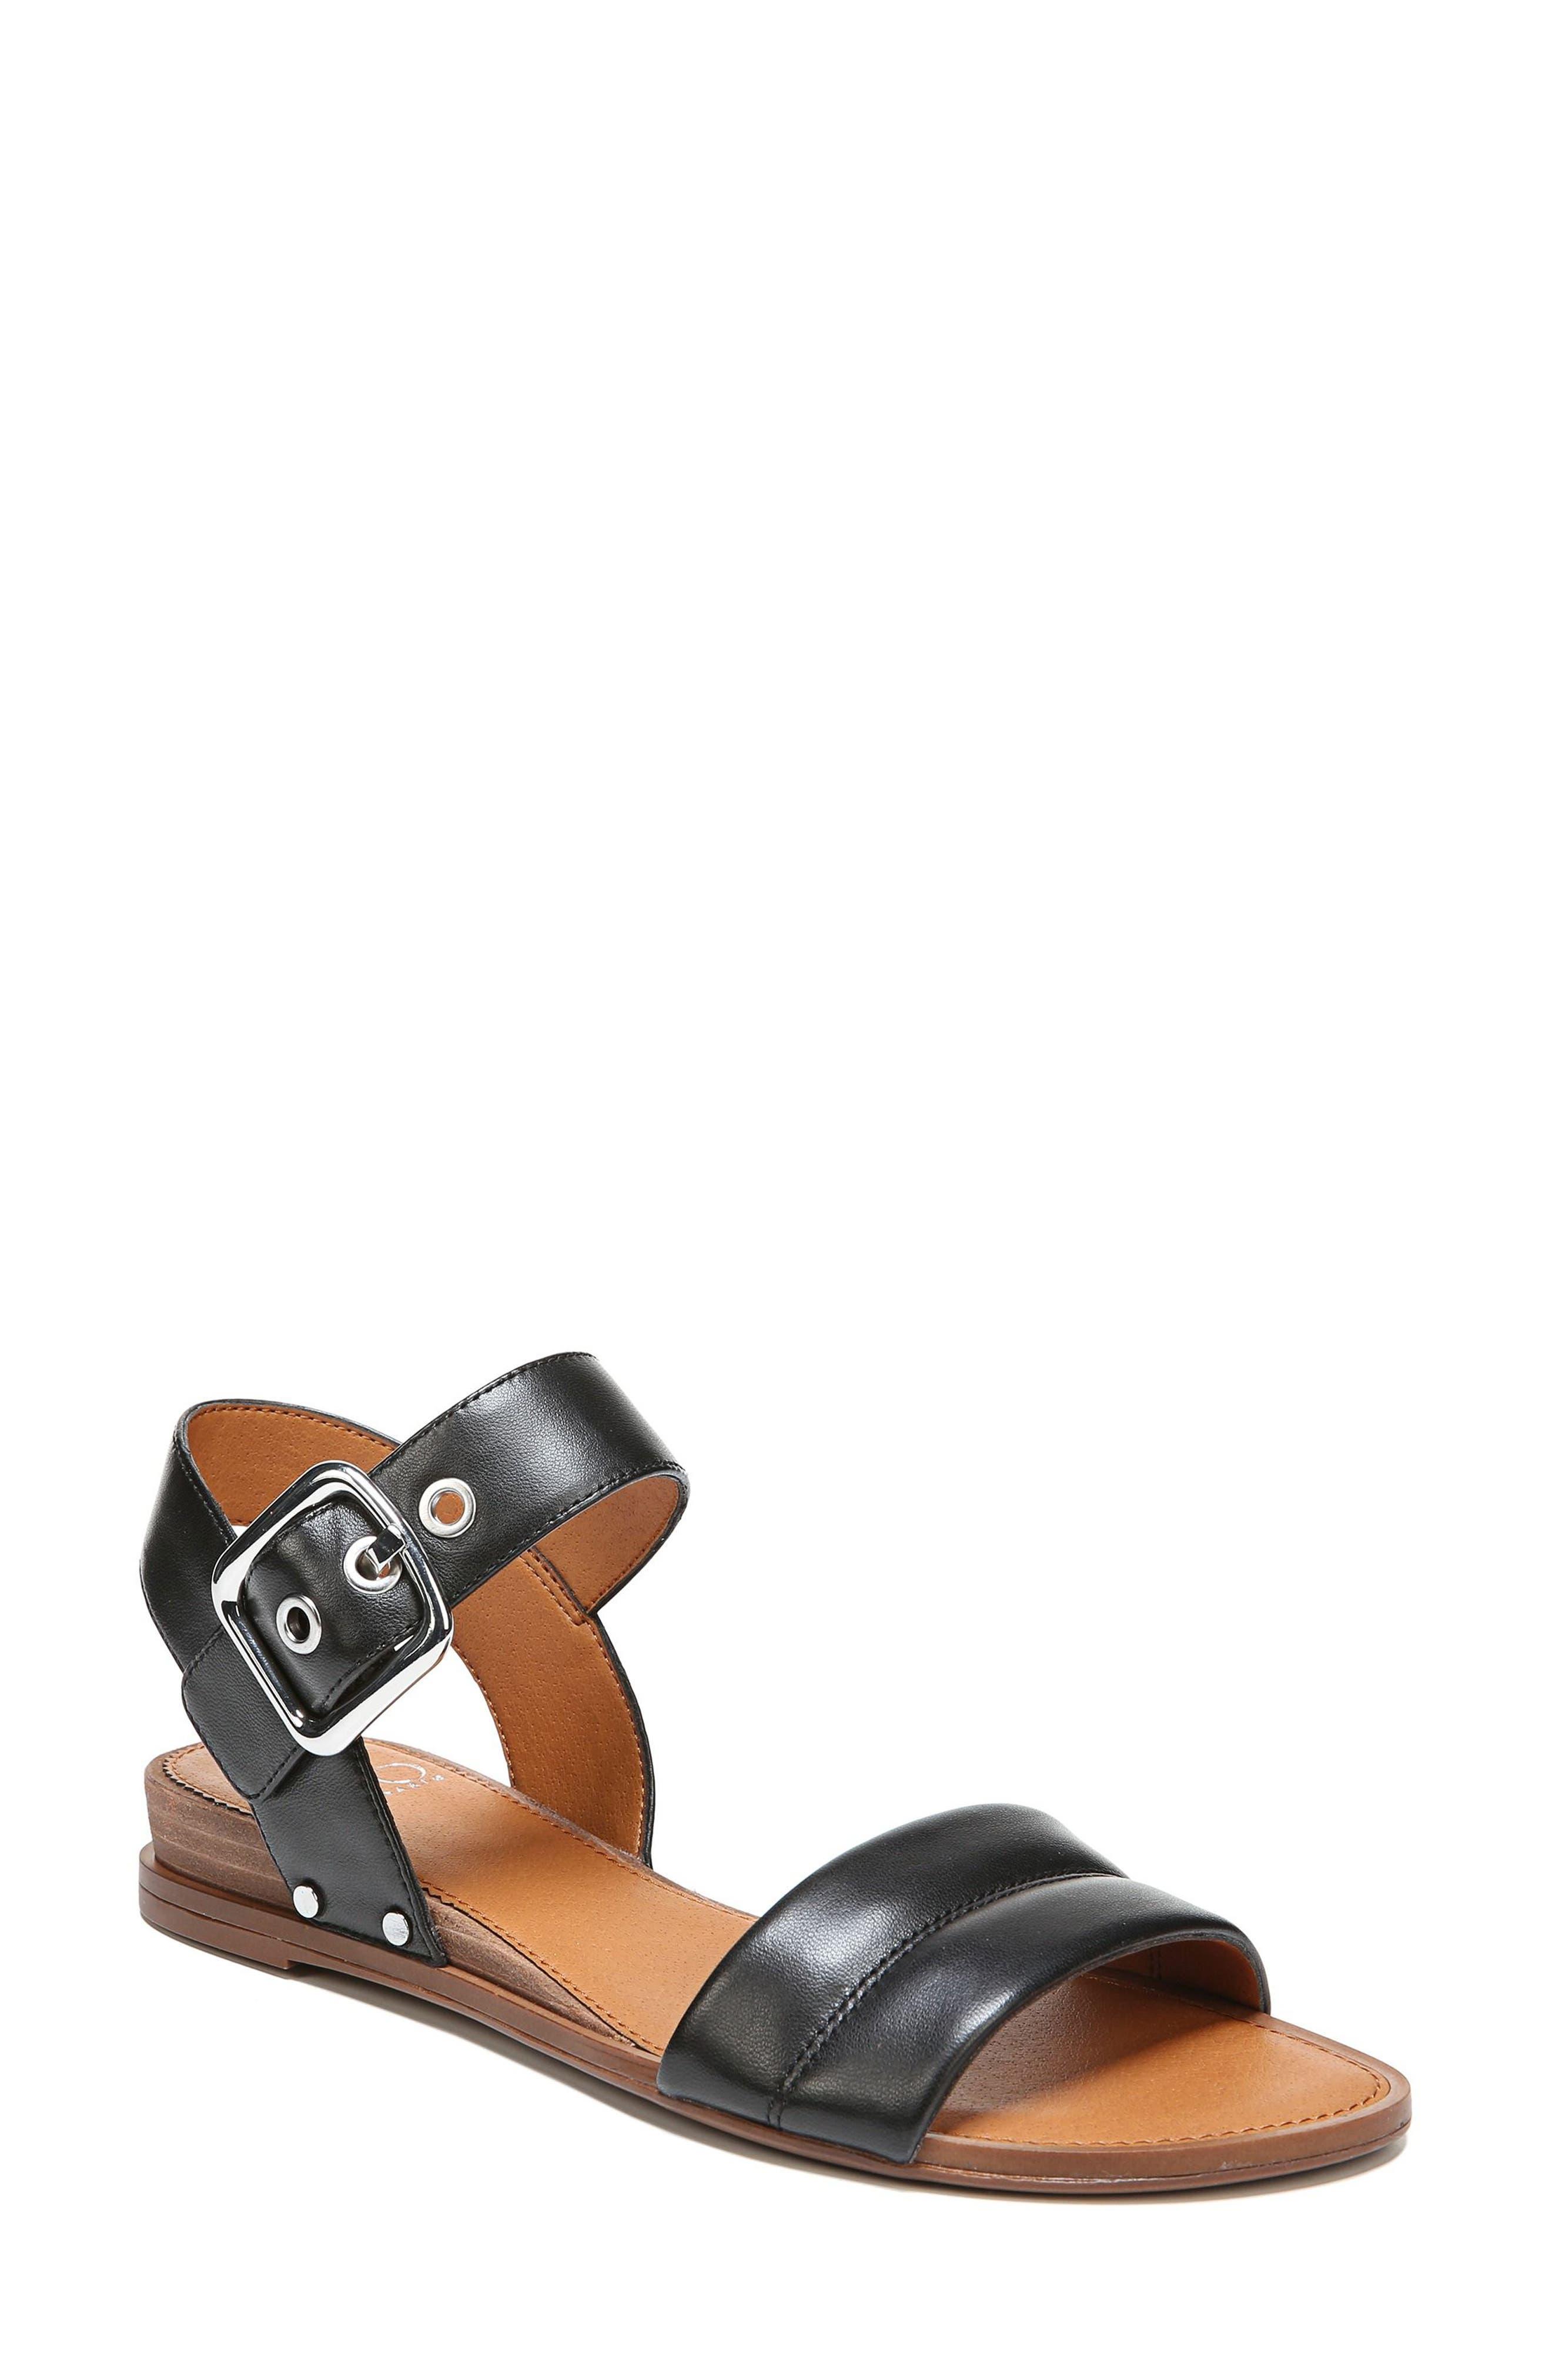 Patterson Low Wedge Sandal,                         Main,                         color, 001